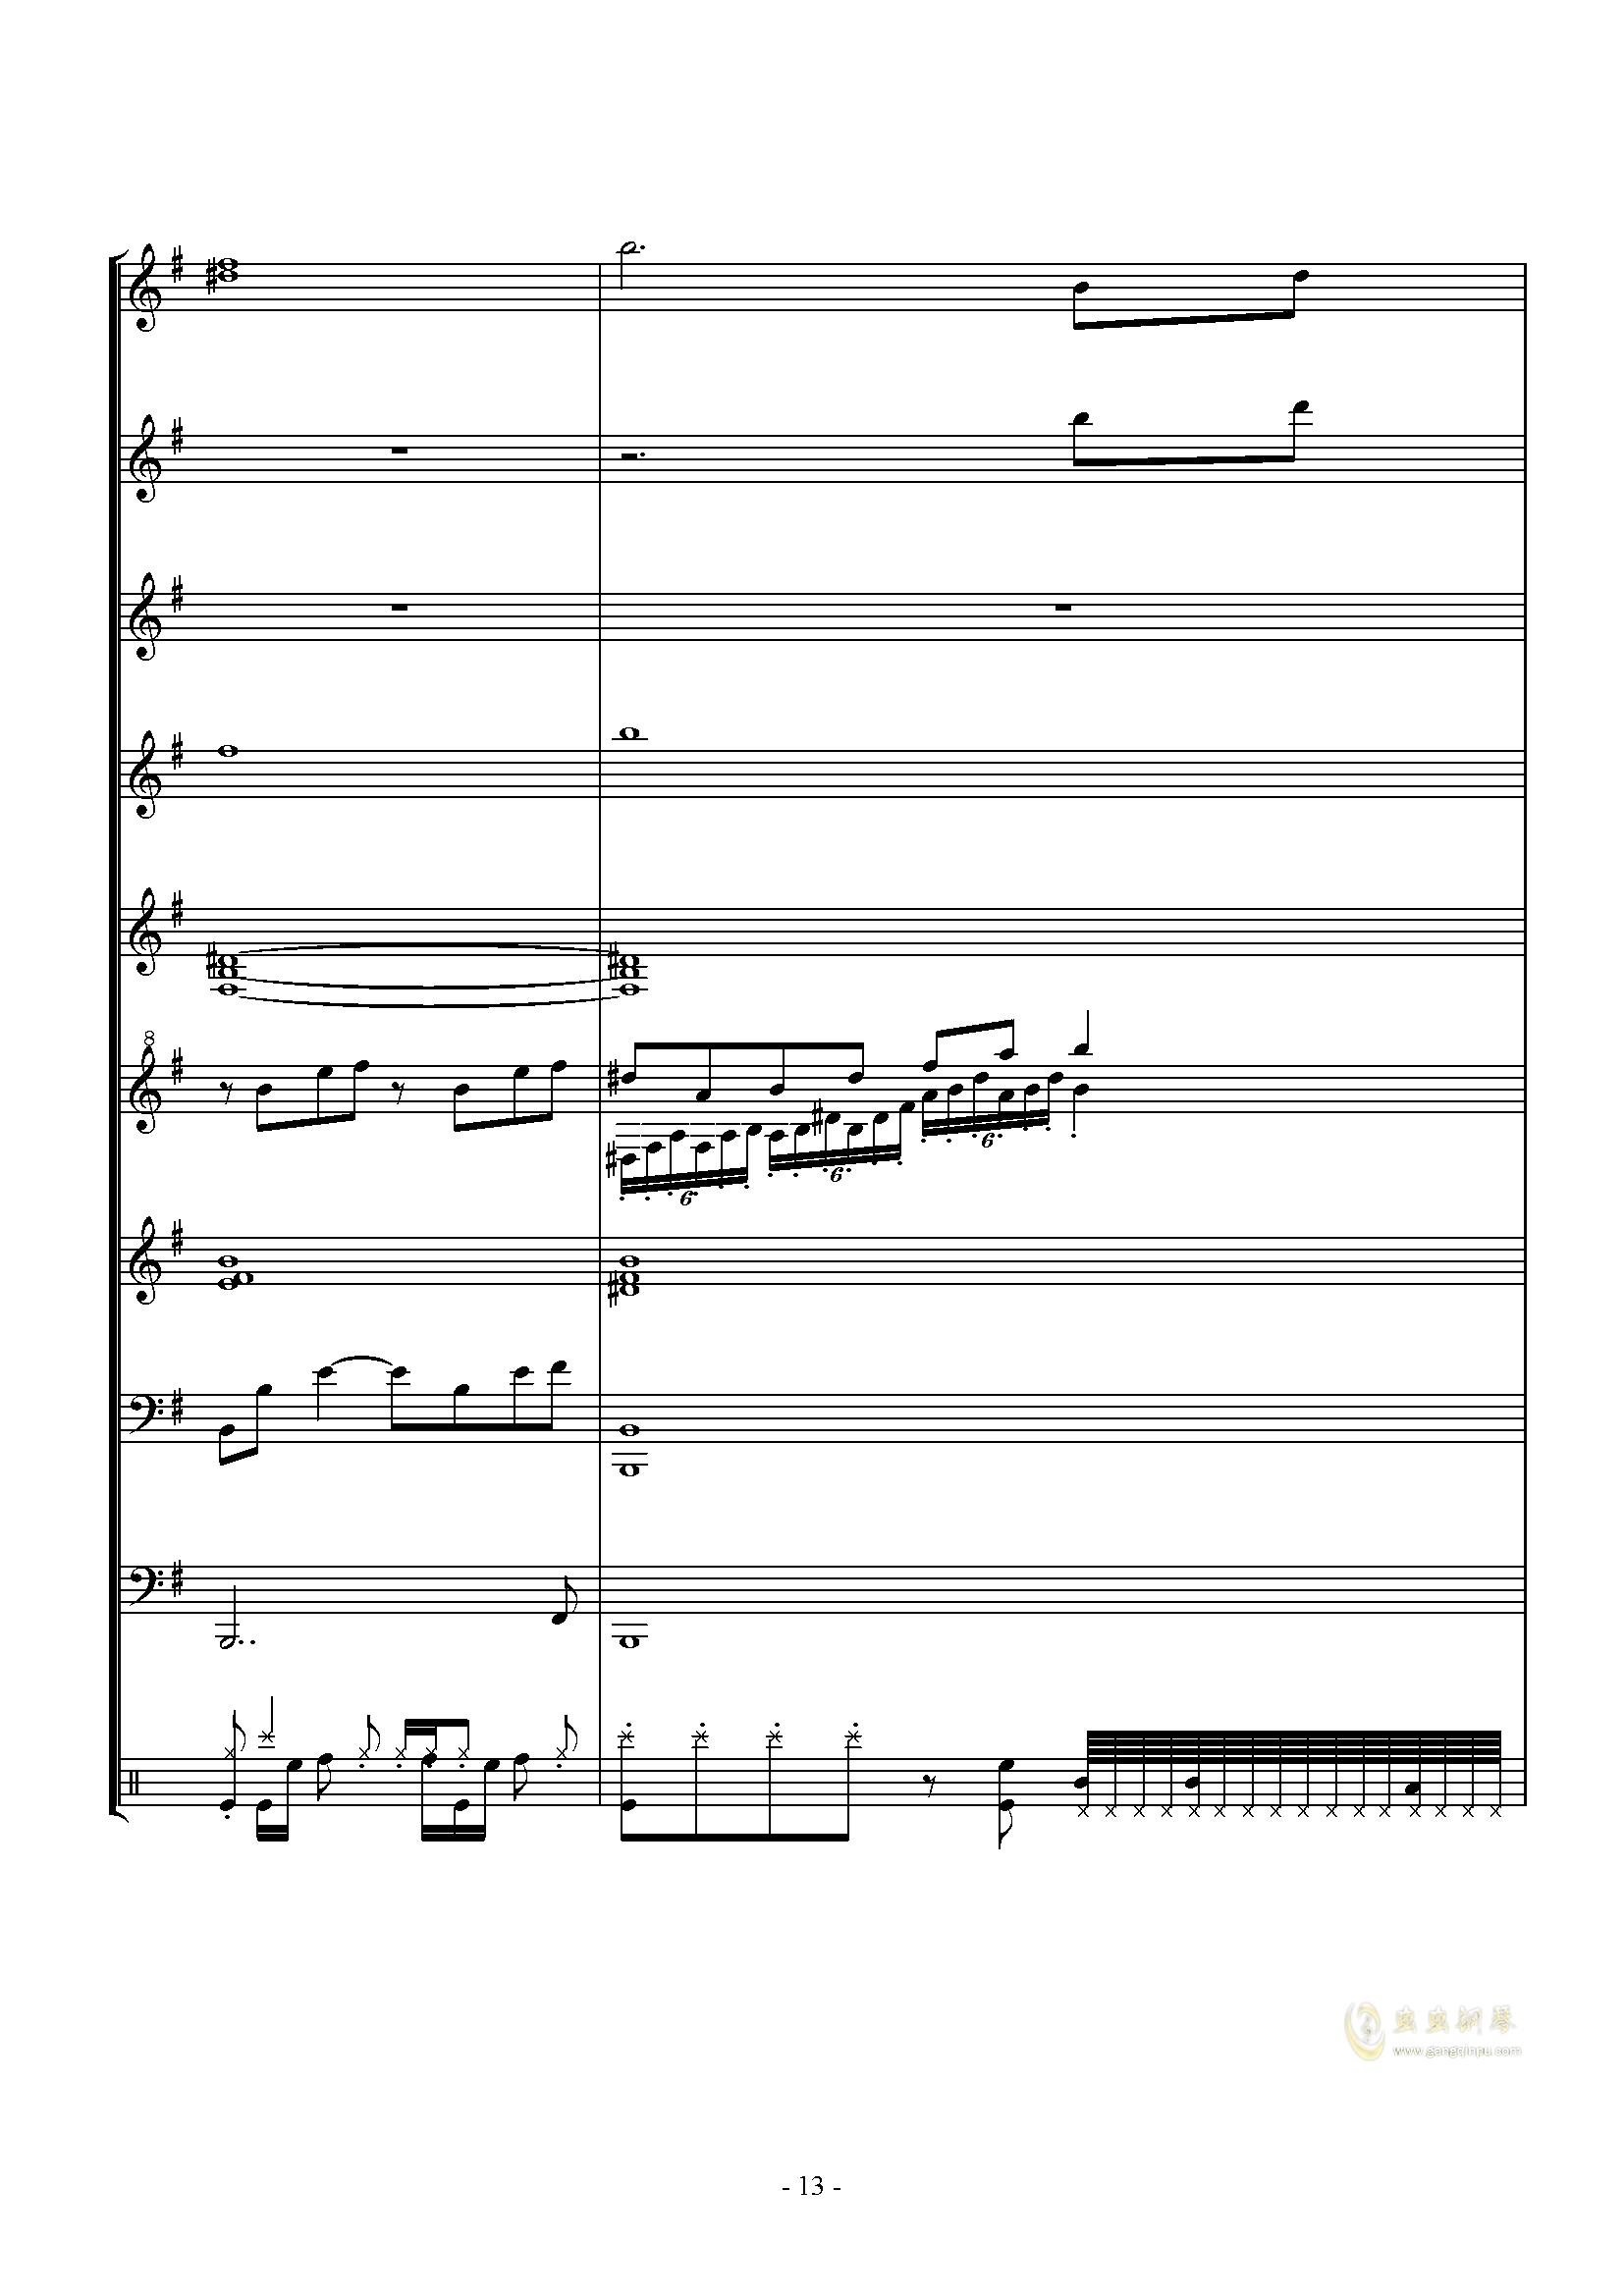 キミガタメ钢琴谱 第13页